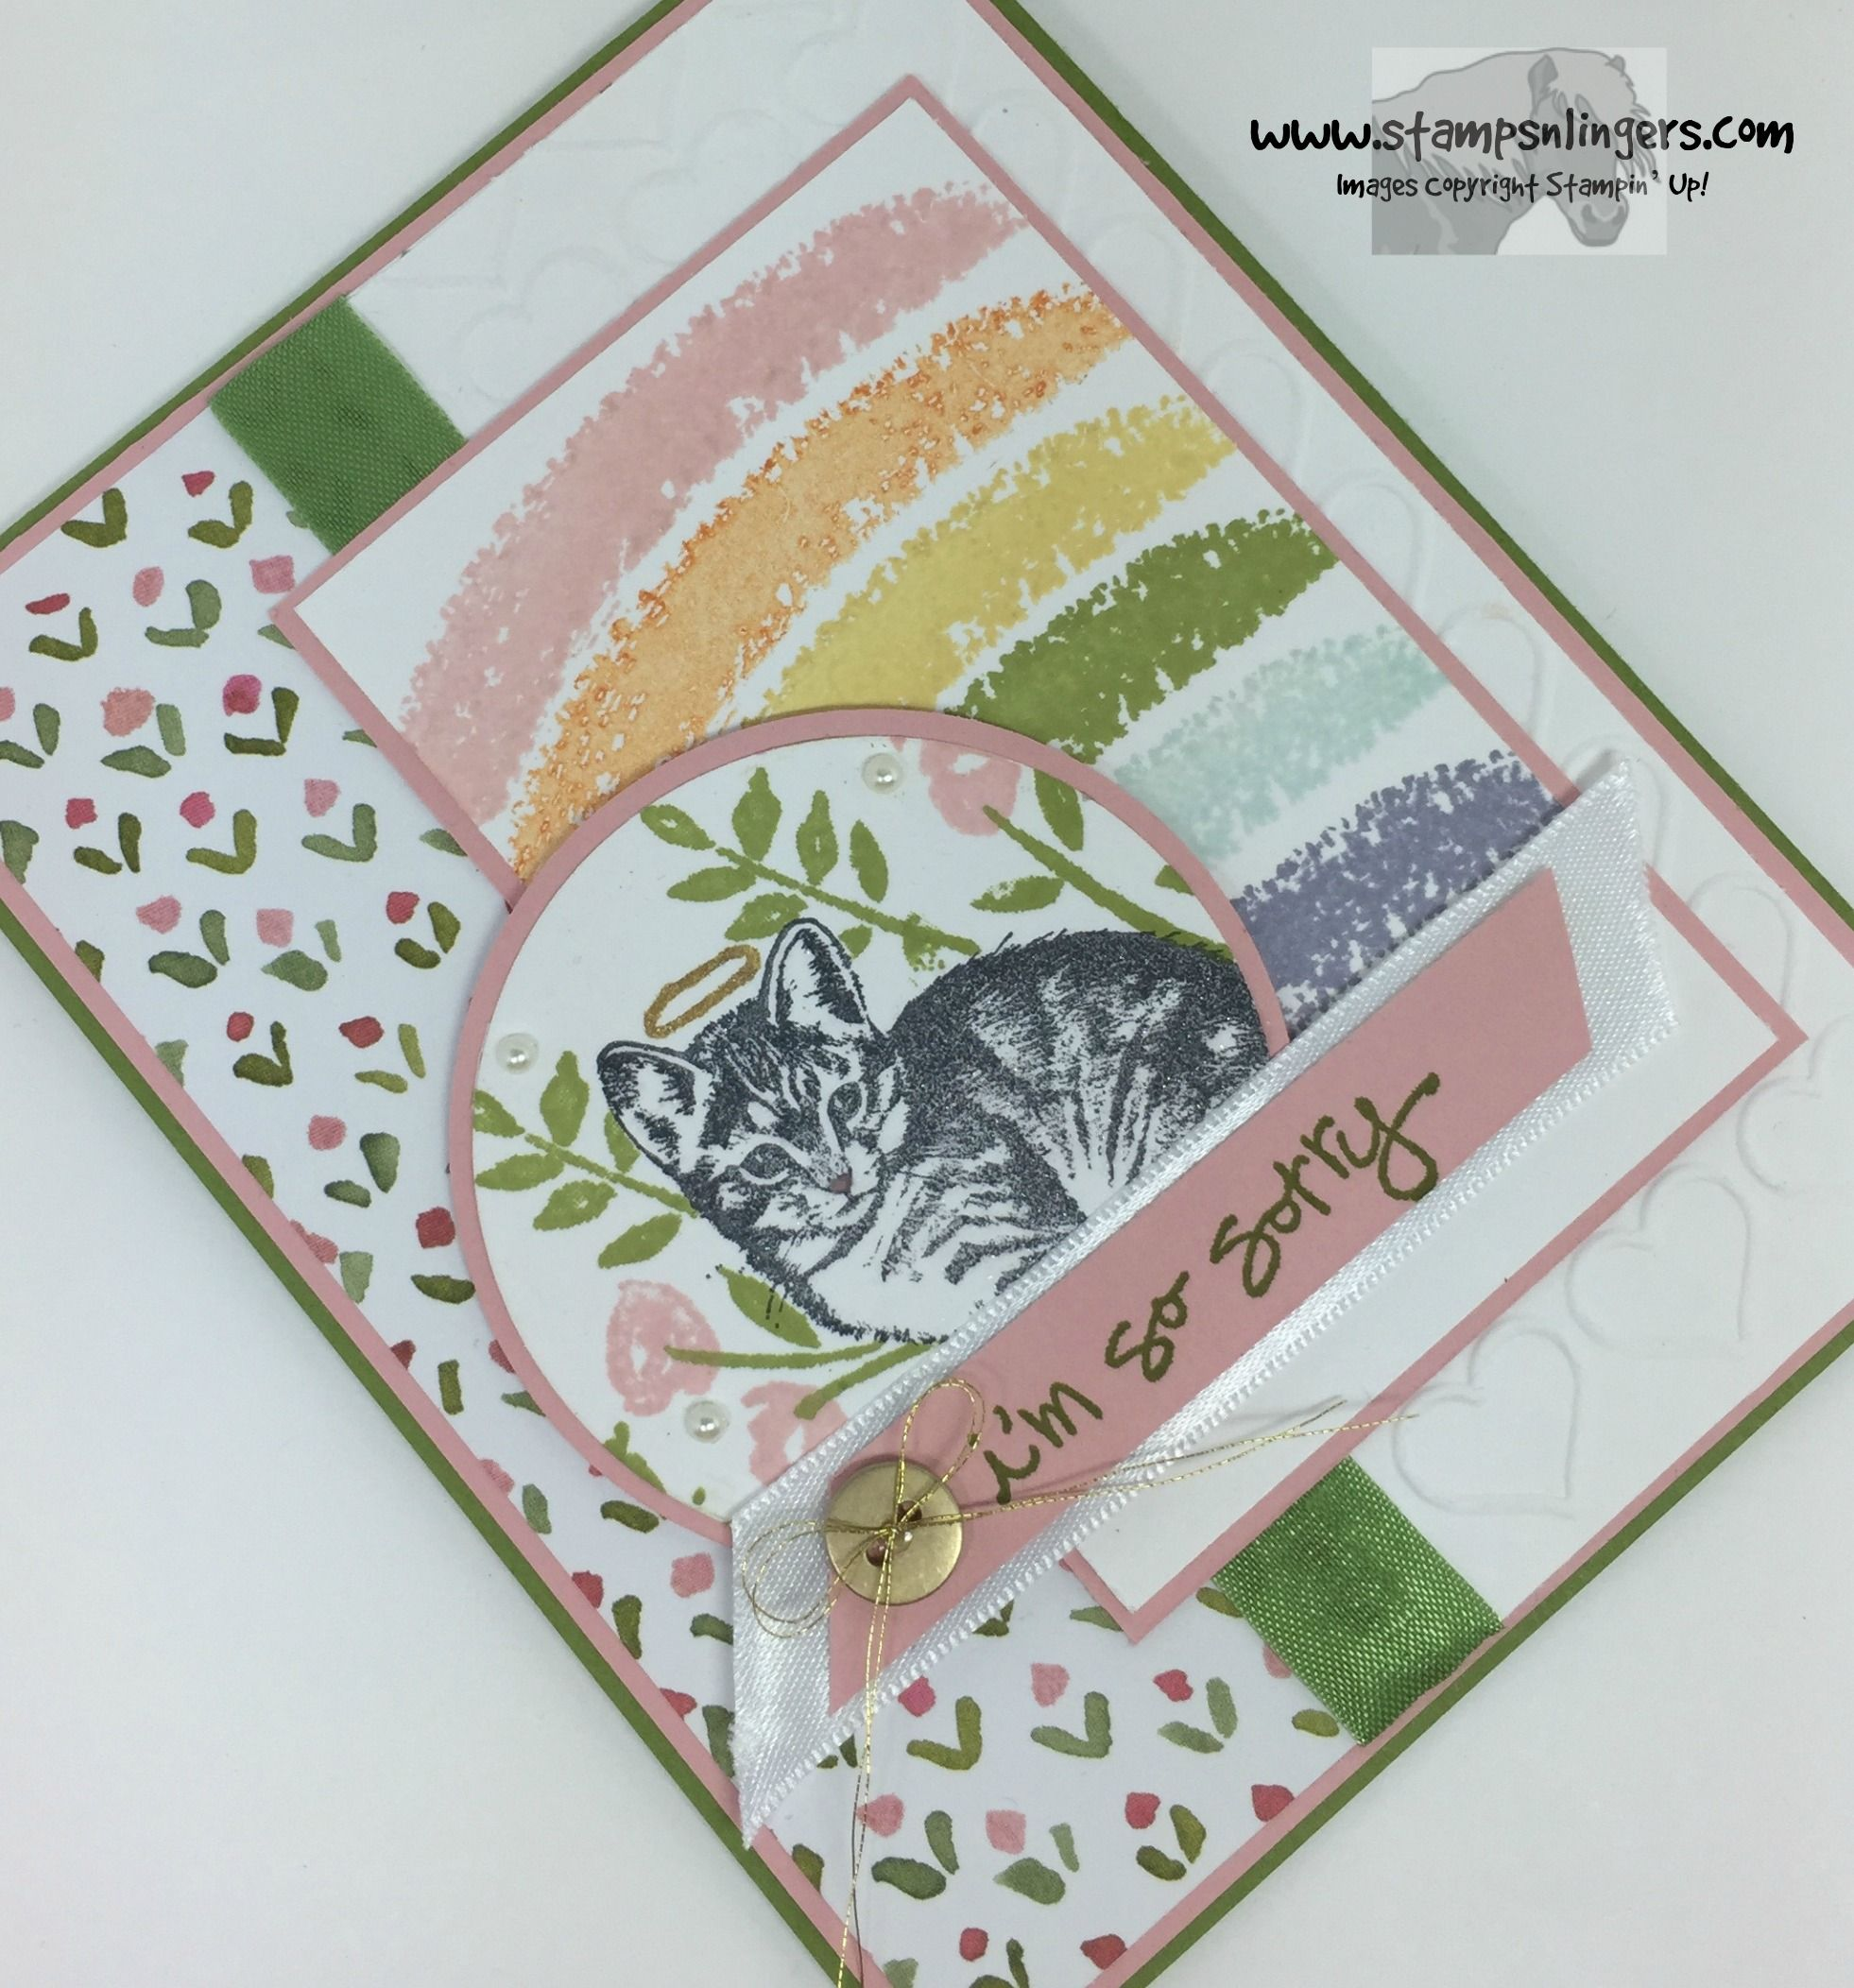 greatest-greetings-kitty-sympathy-4-stamps-n-lingers.jpg 1,962×2,104 pixels